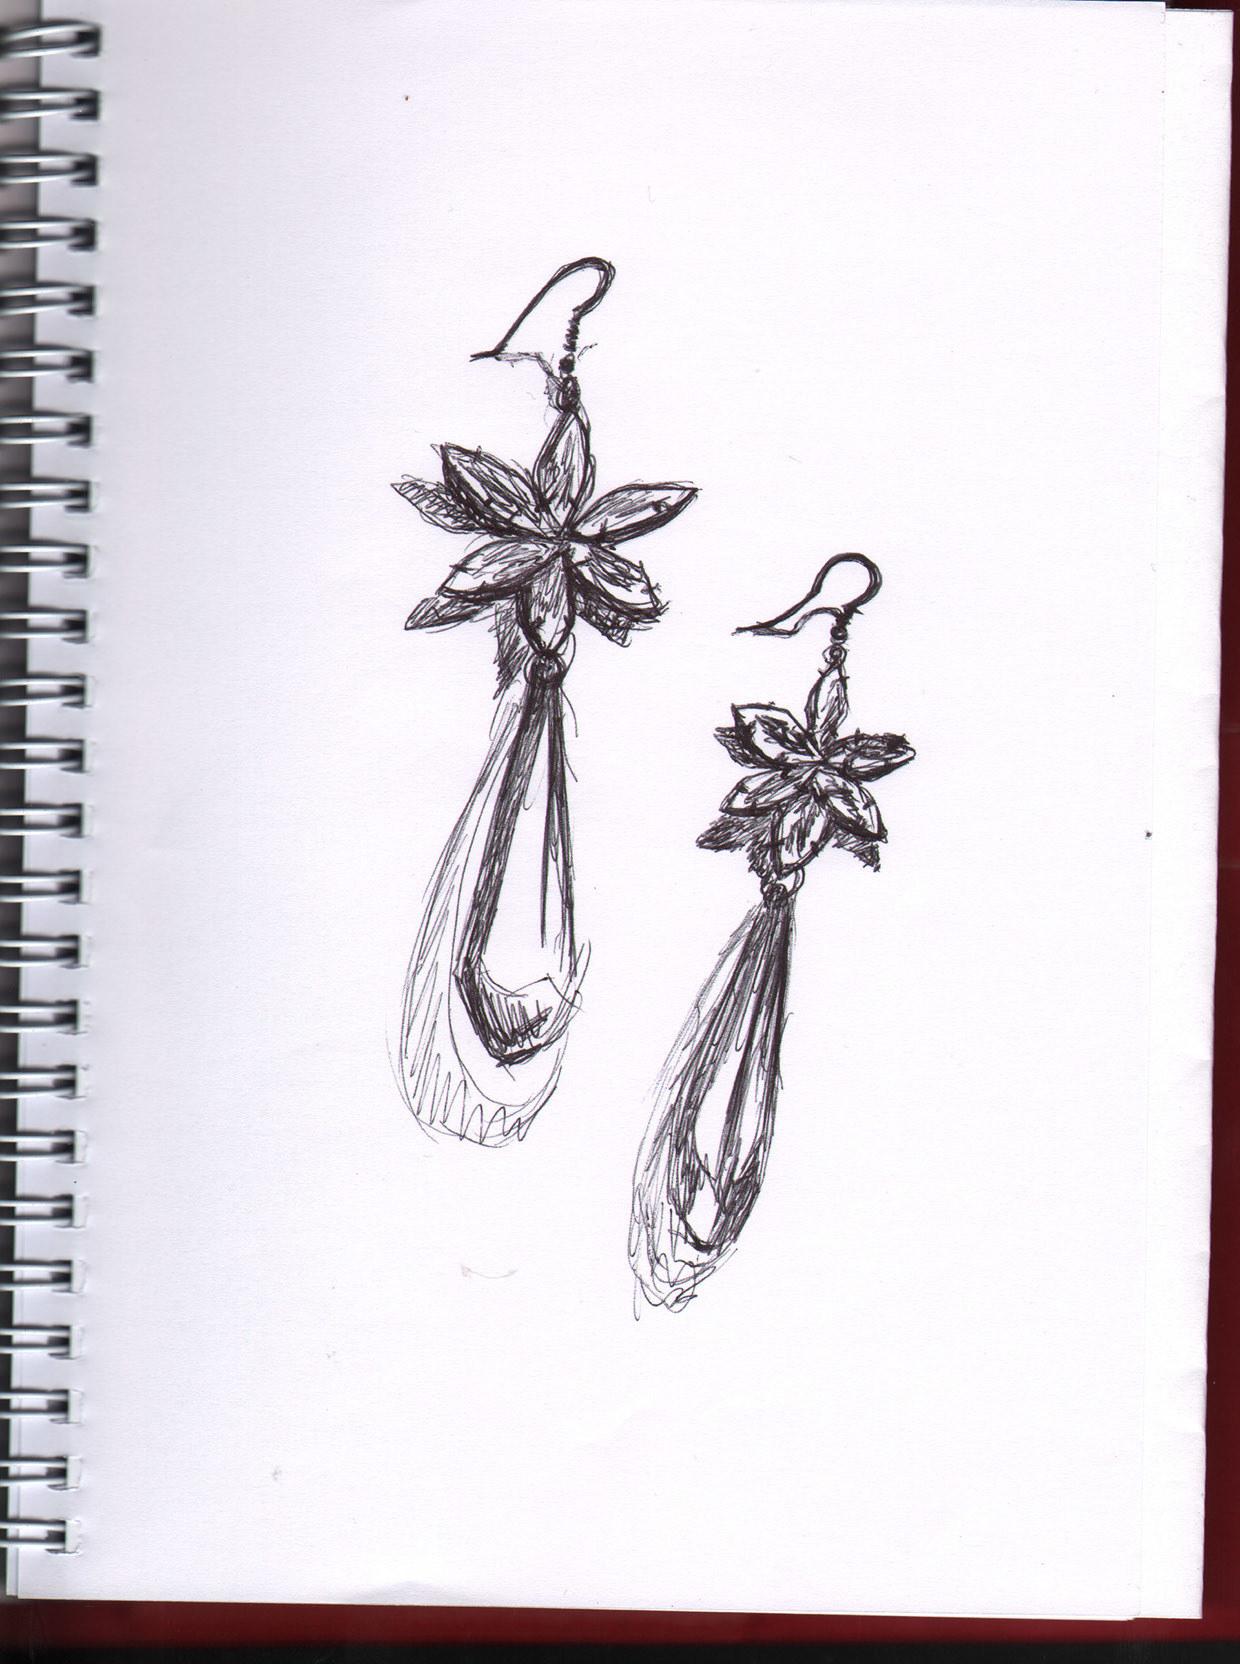 7b632211790536.5603220b8ceae